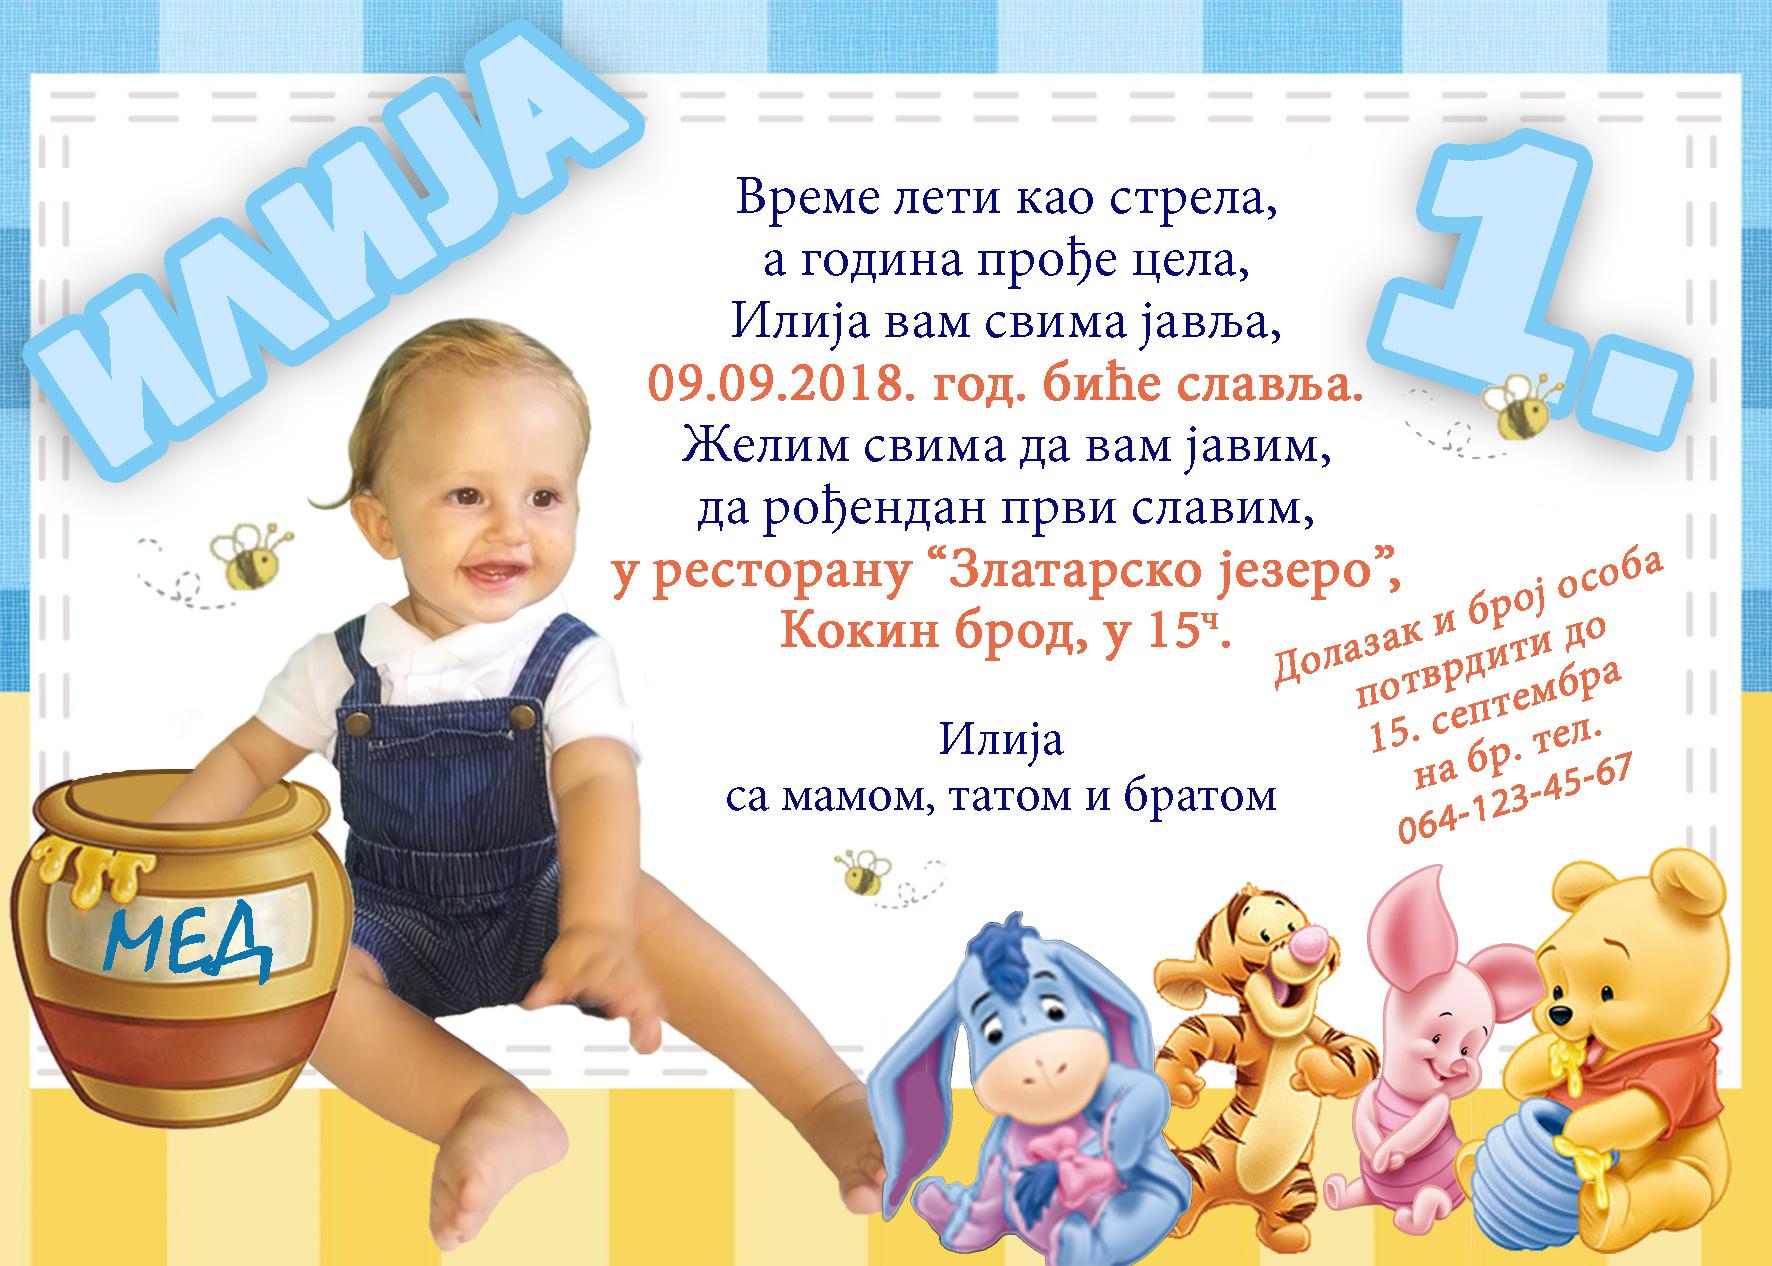 pozivnica sa fotografijom za dečiji rođendan